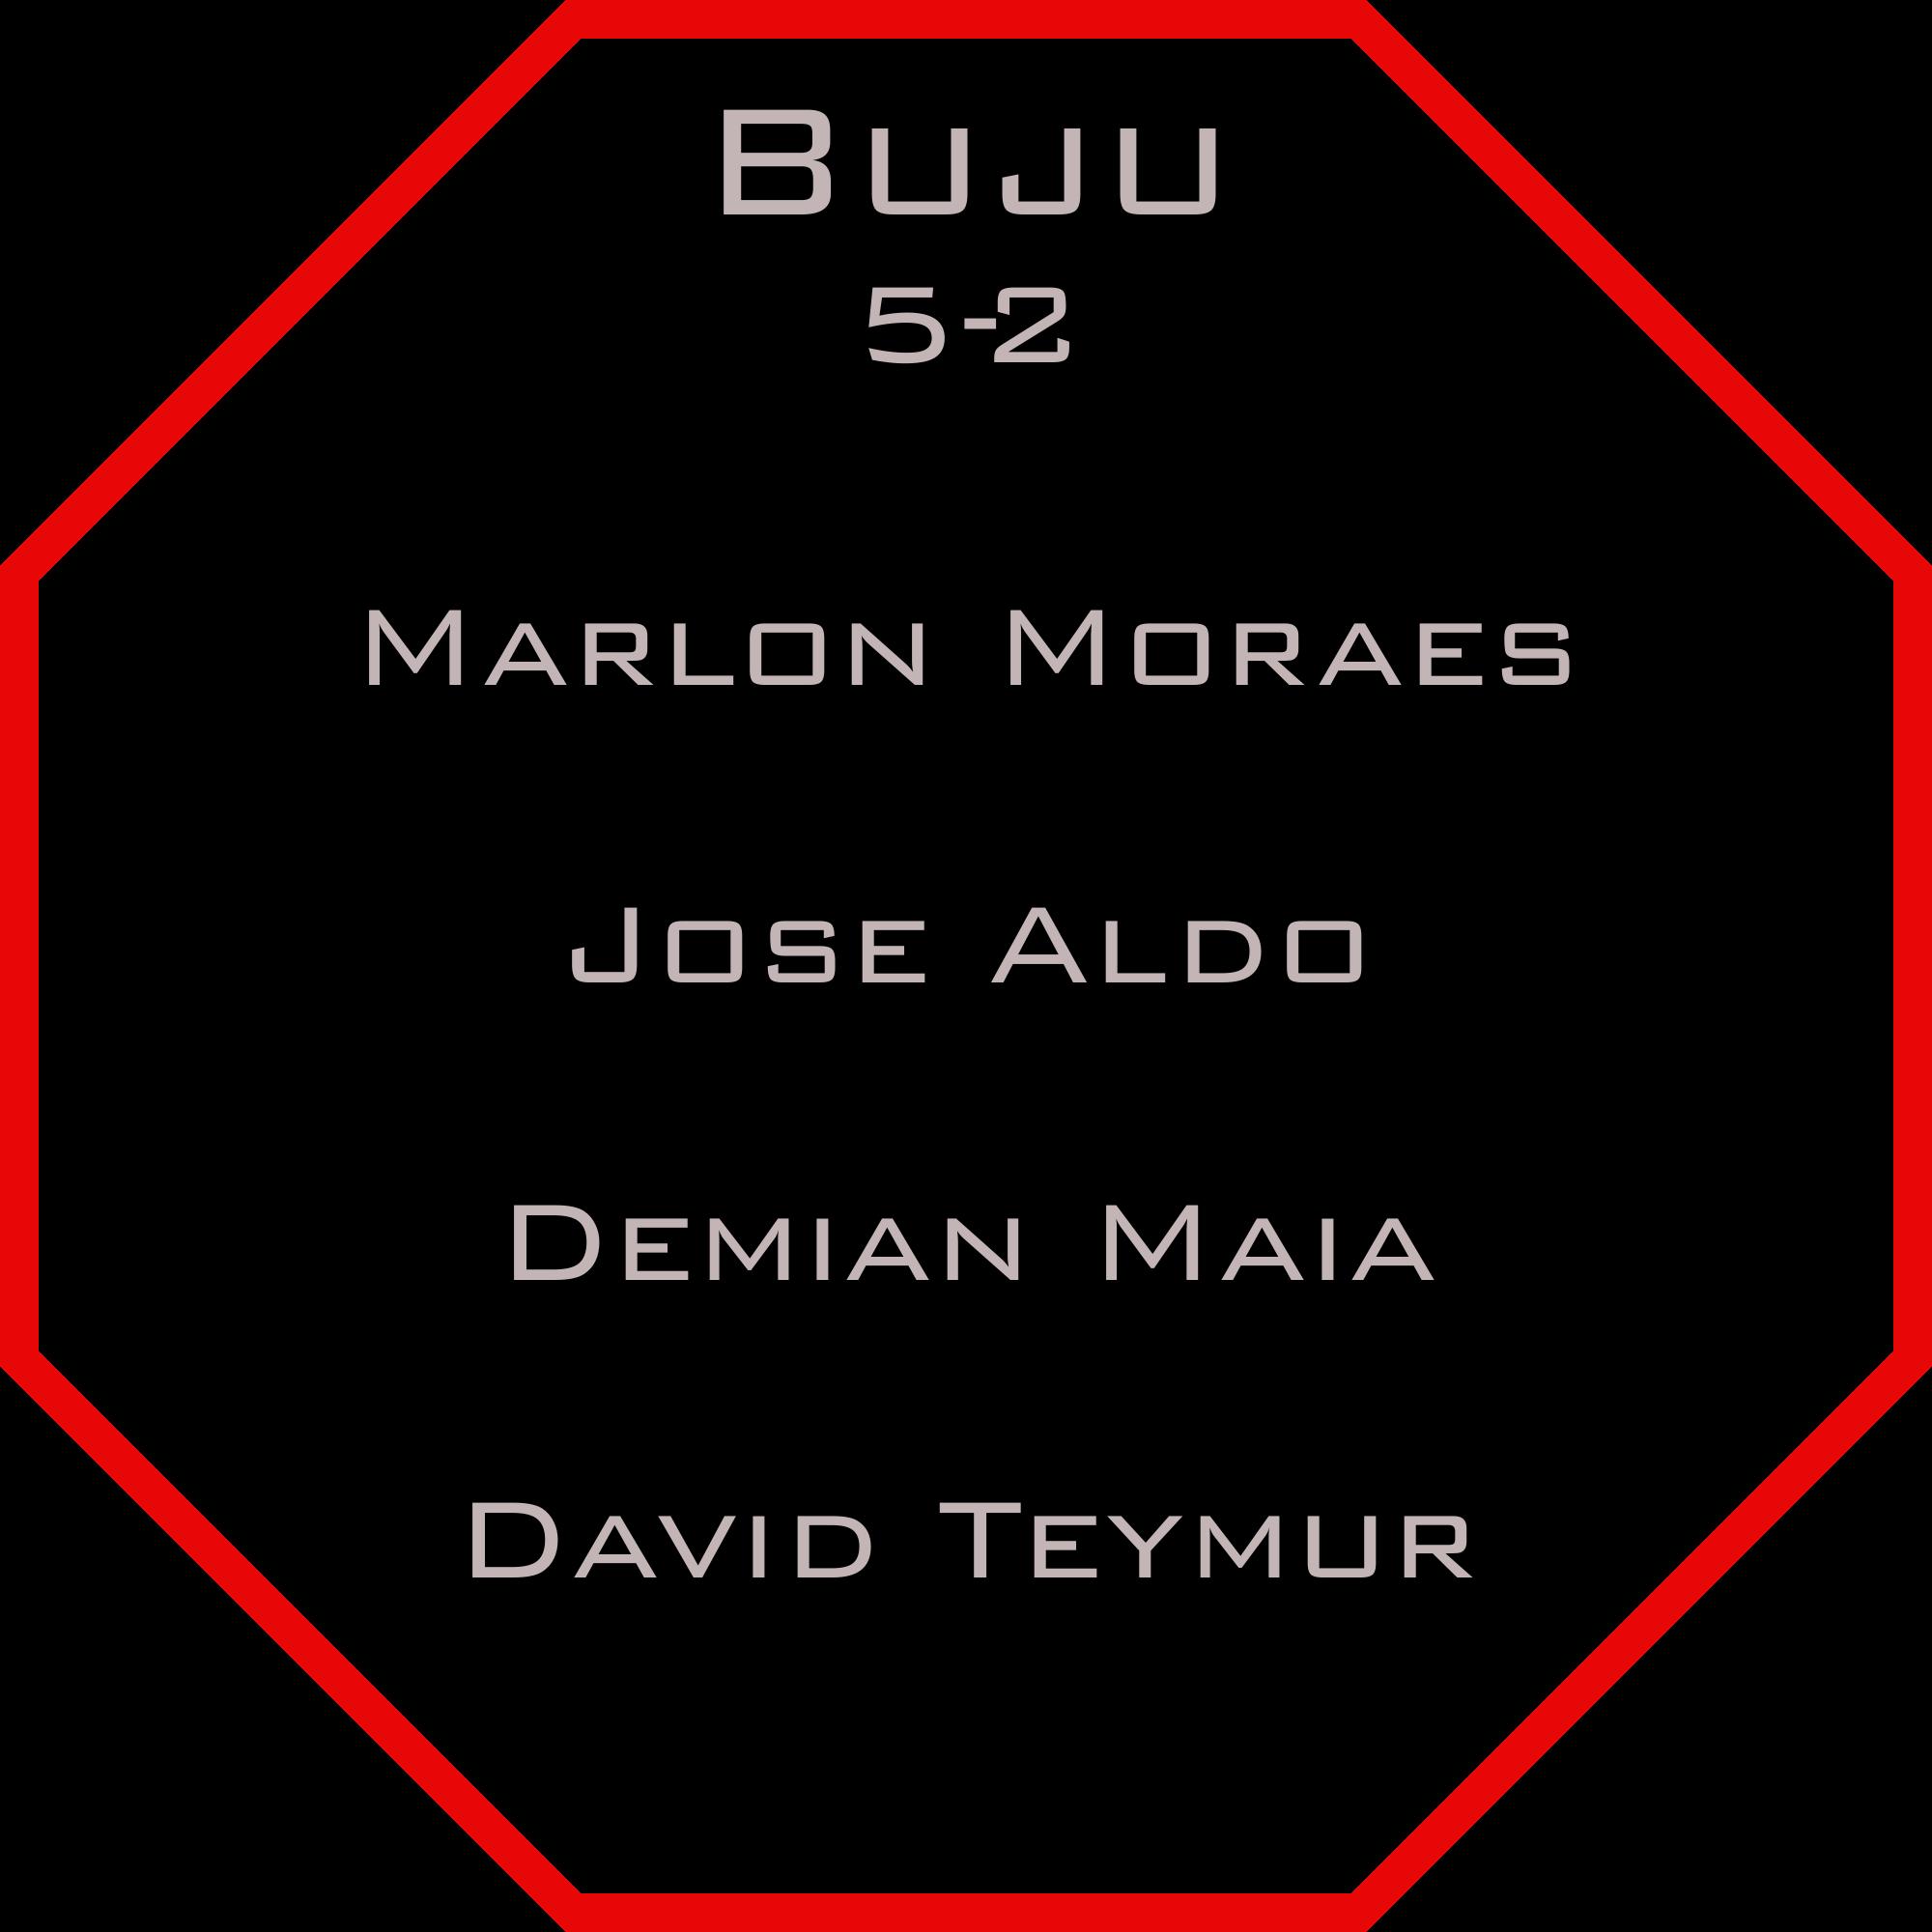 BujuBrazil.png